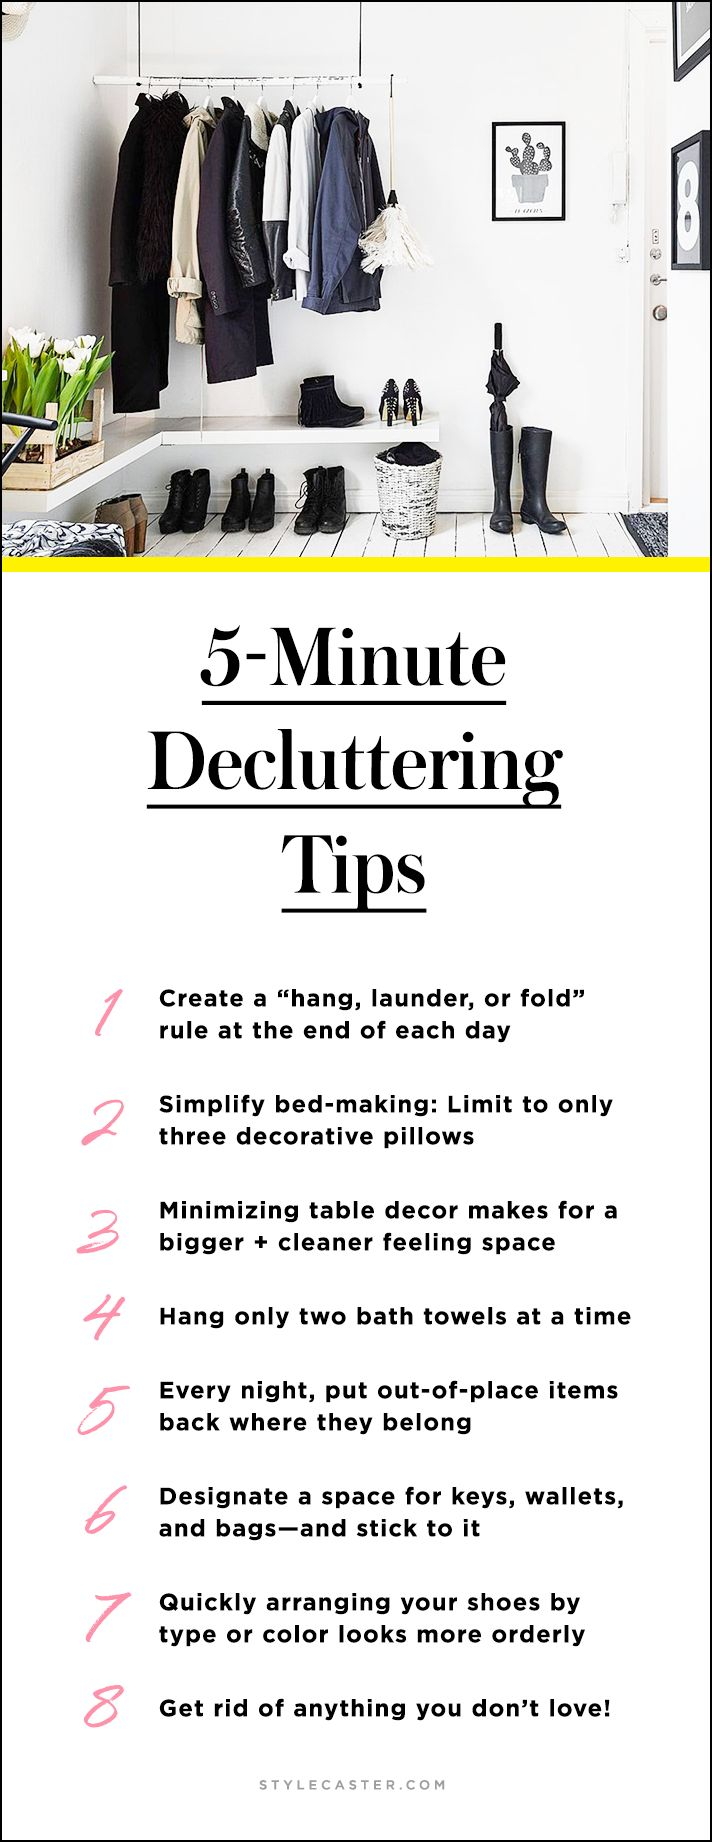 Best 25  Declutter home ideas on Pinterest   Declutter house  Declutter and  Organization of life. Best 25  Declutter home ideas on Pinterest   Declutter house